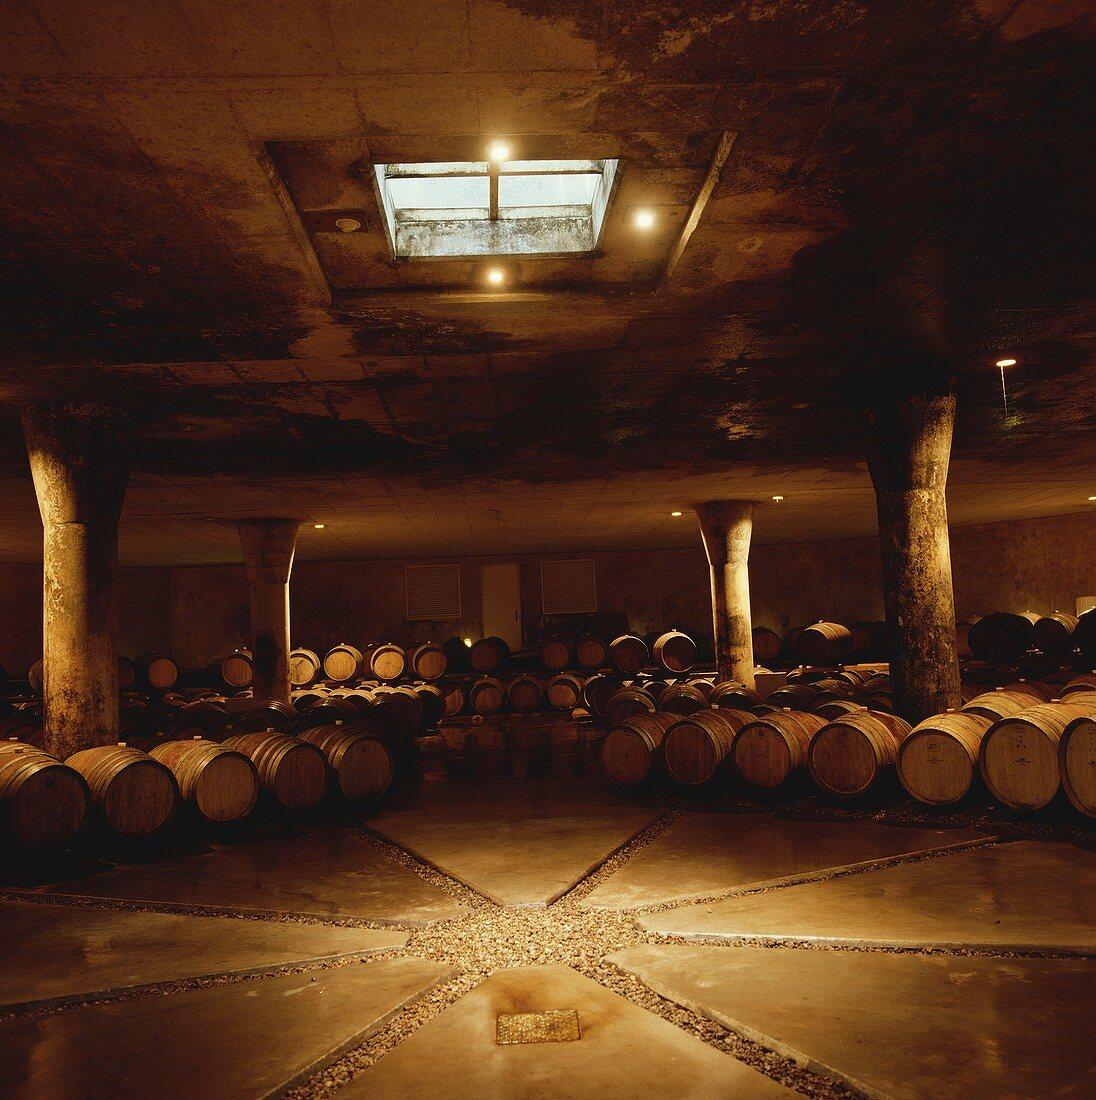 Barrique cellar of Vergelegen Estate, Helderberg, S. Africa